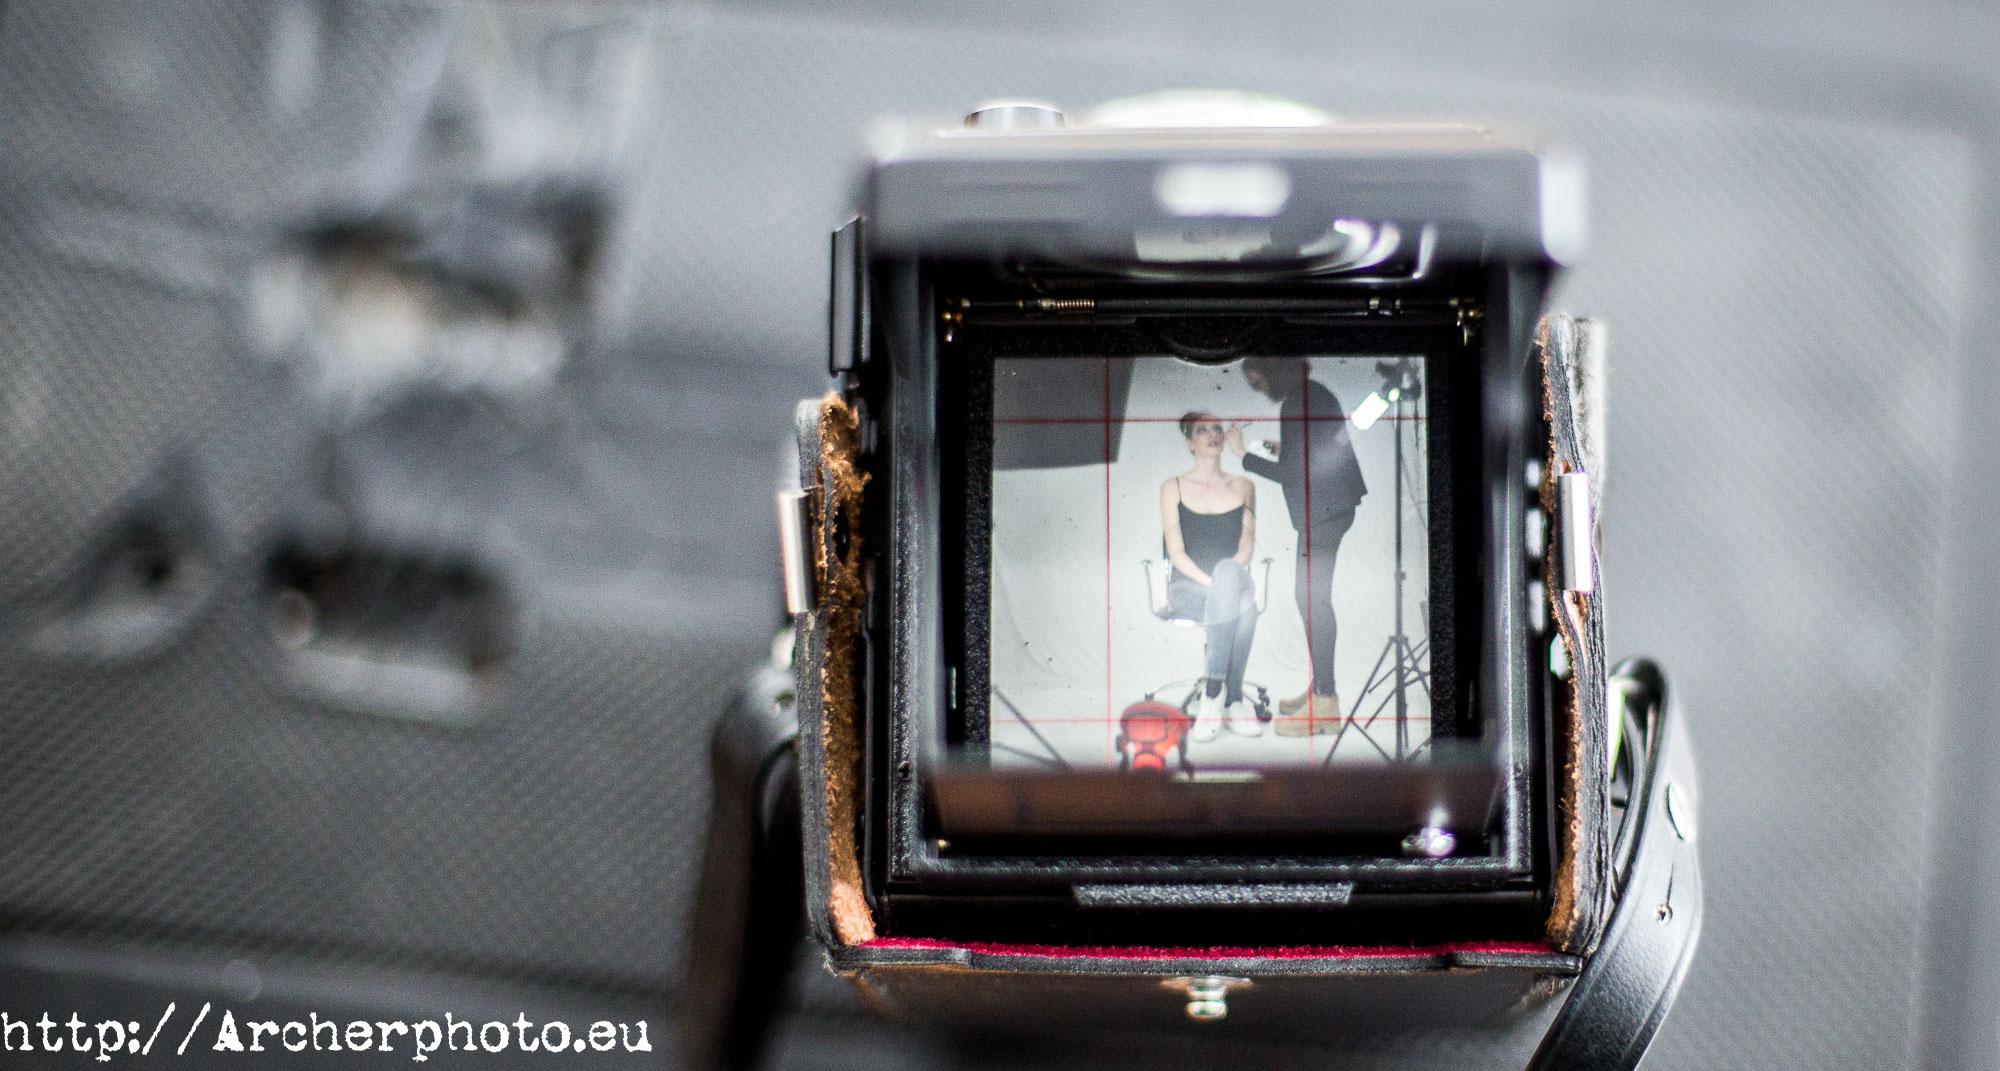 Mirando a través de una cámara de formato medio.